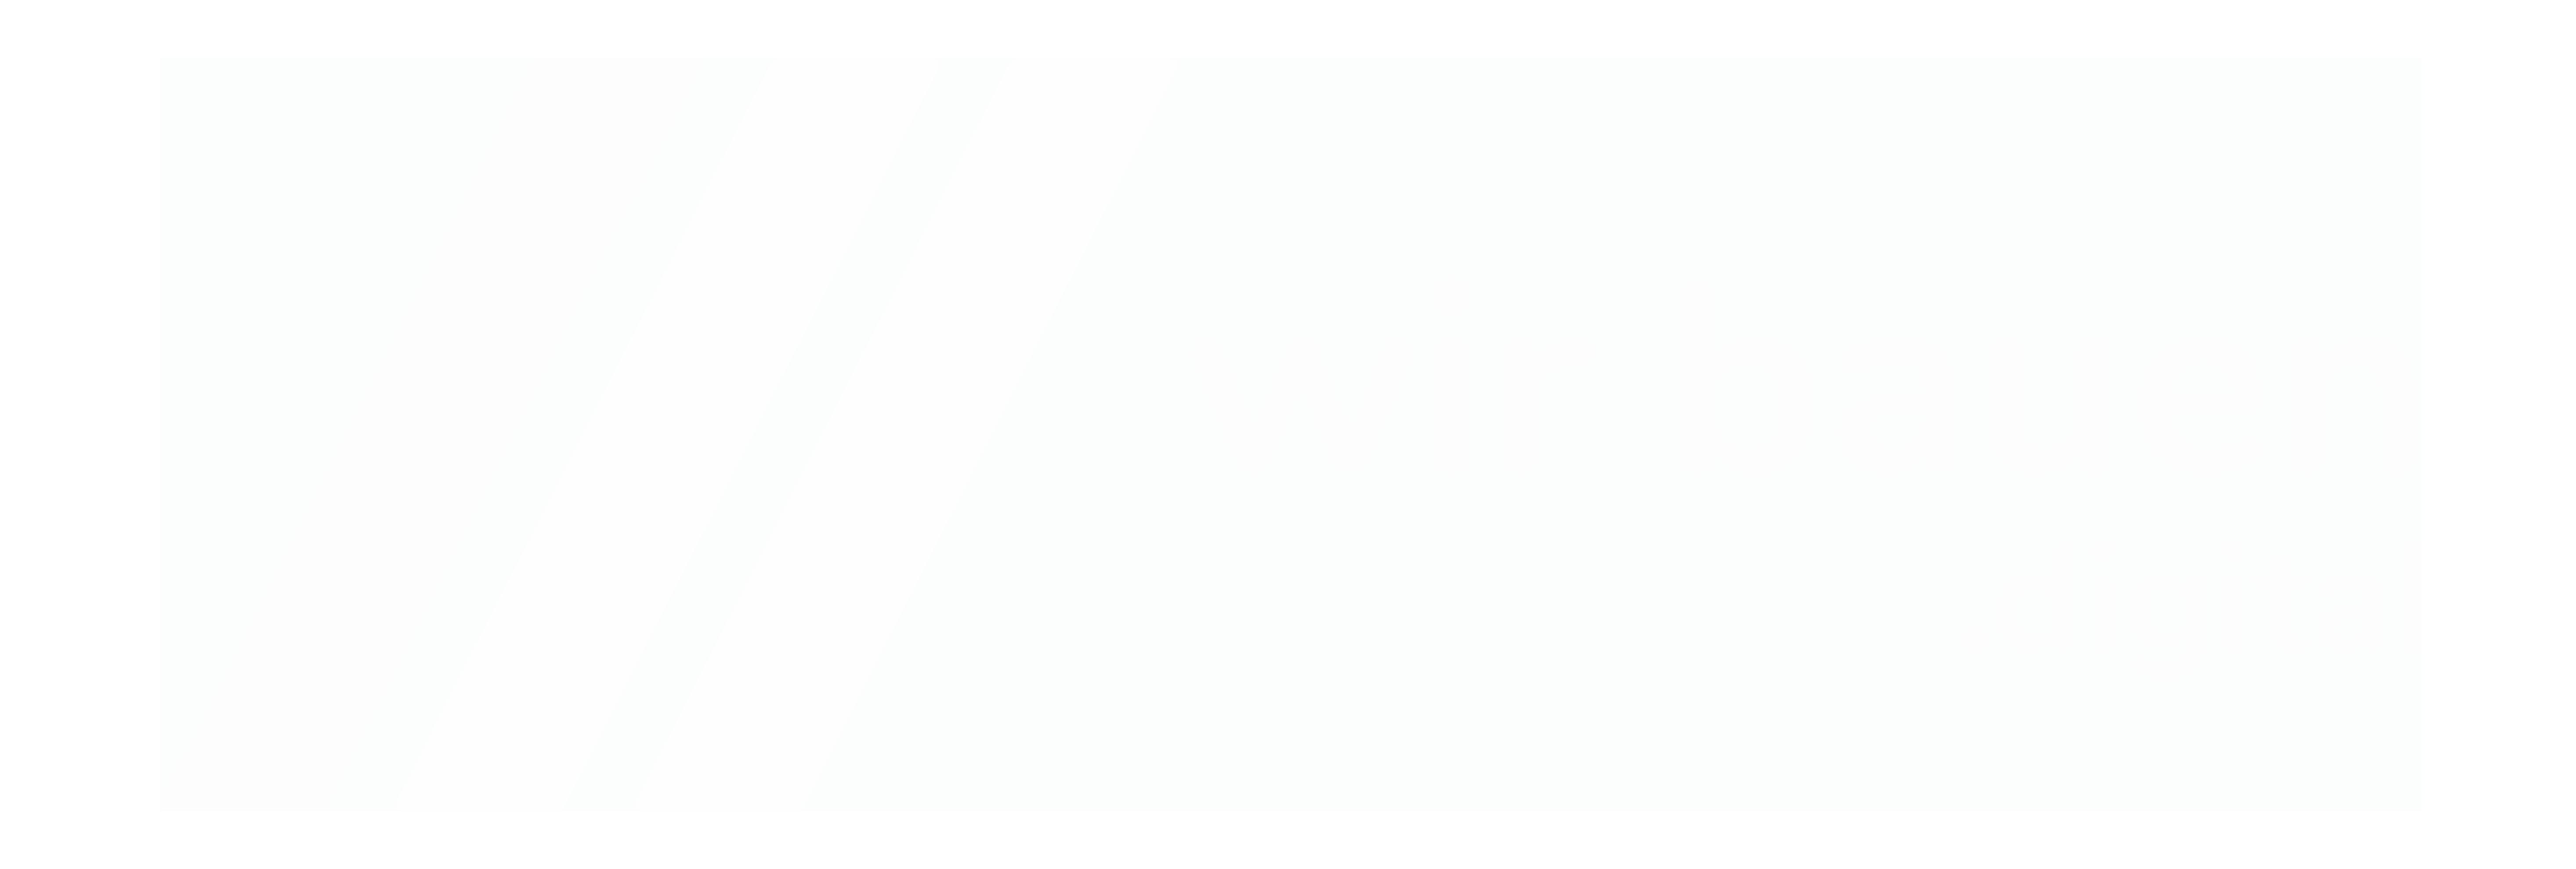 wirbauendigital_weiss.png